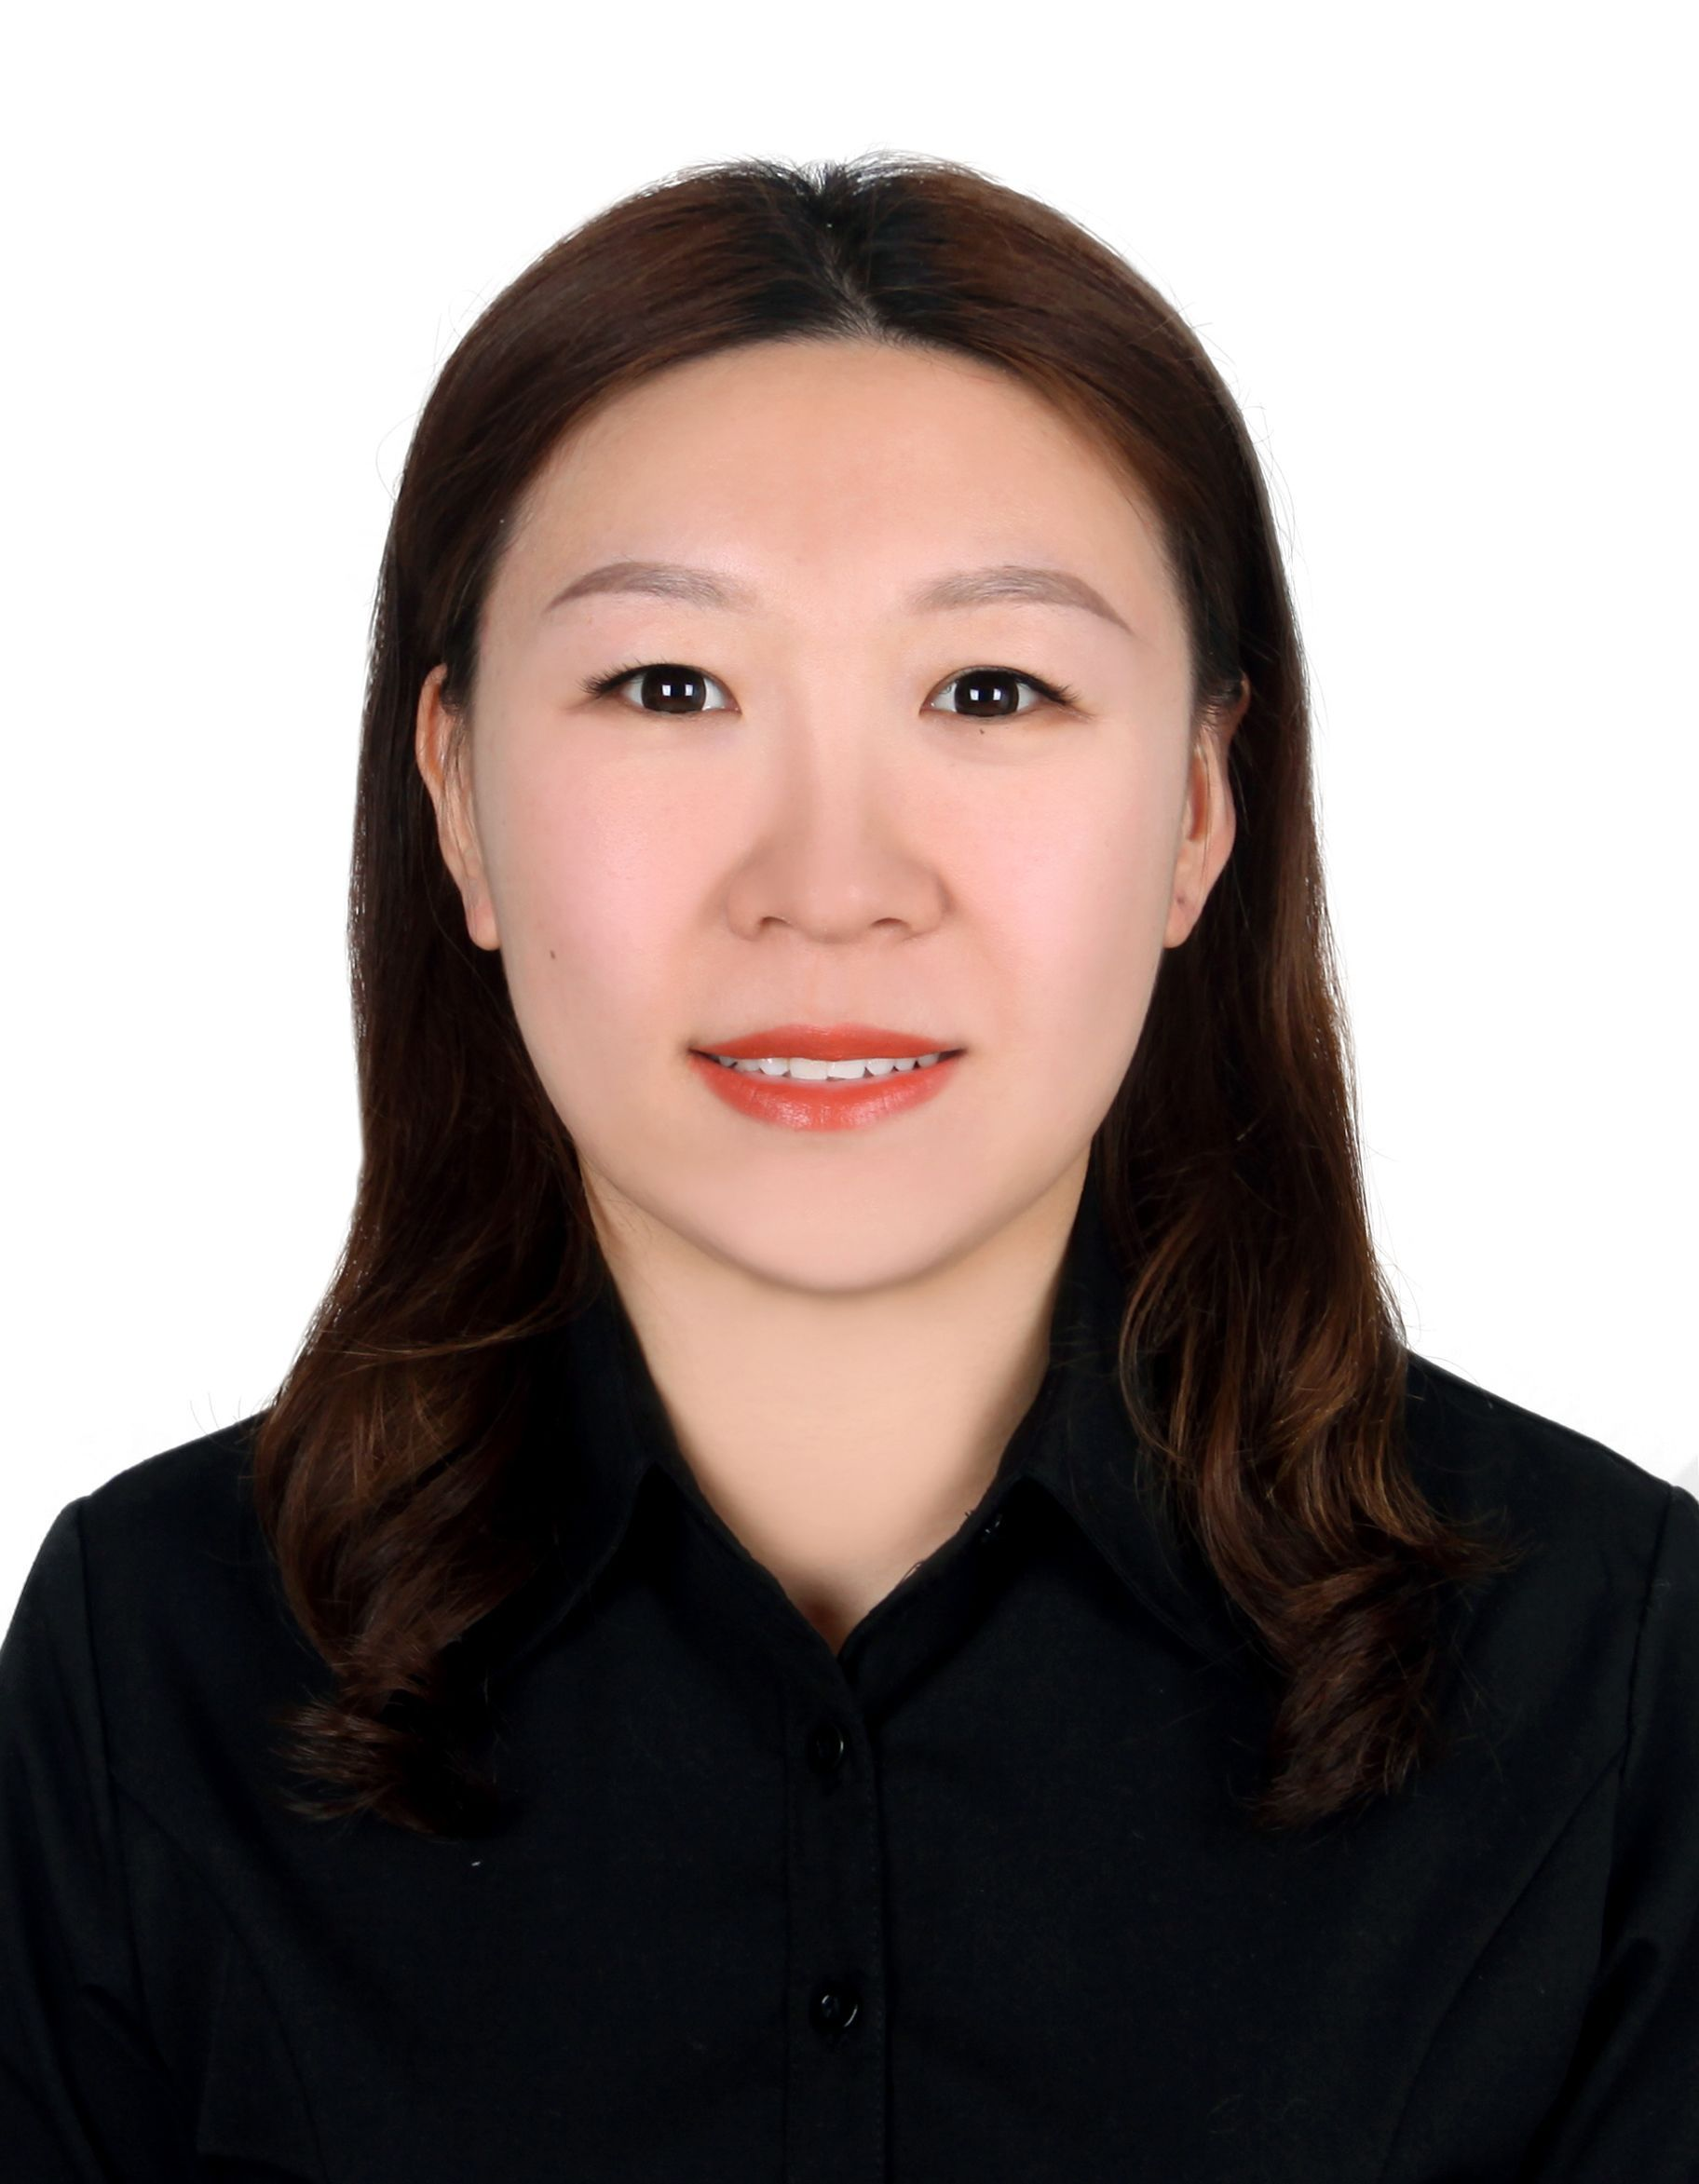 现就职于霍尼韦尔(中国)有限公司,于研究化学品部门担任产品经理。材料学/生物应用化学硕士,在药物化学,生物化学以及相关分析检测领域有十余年的工作经验。